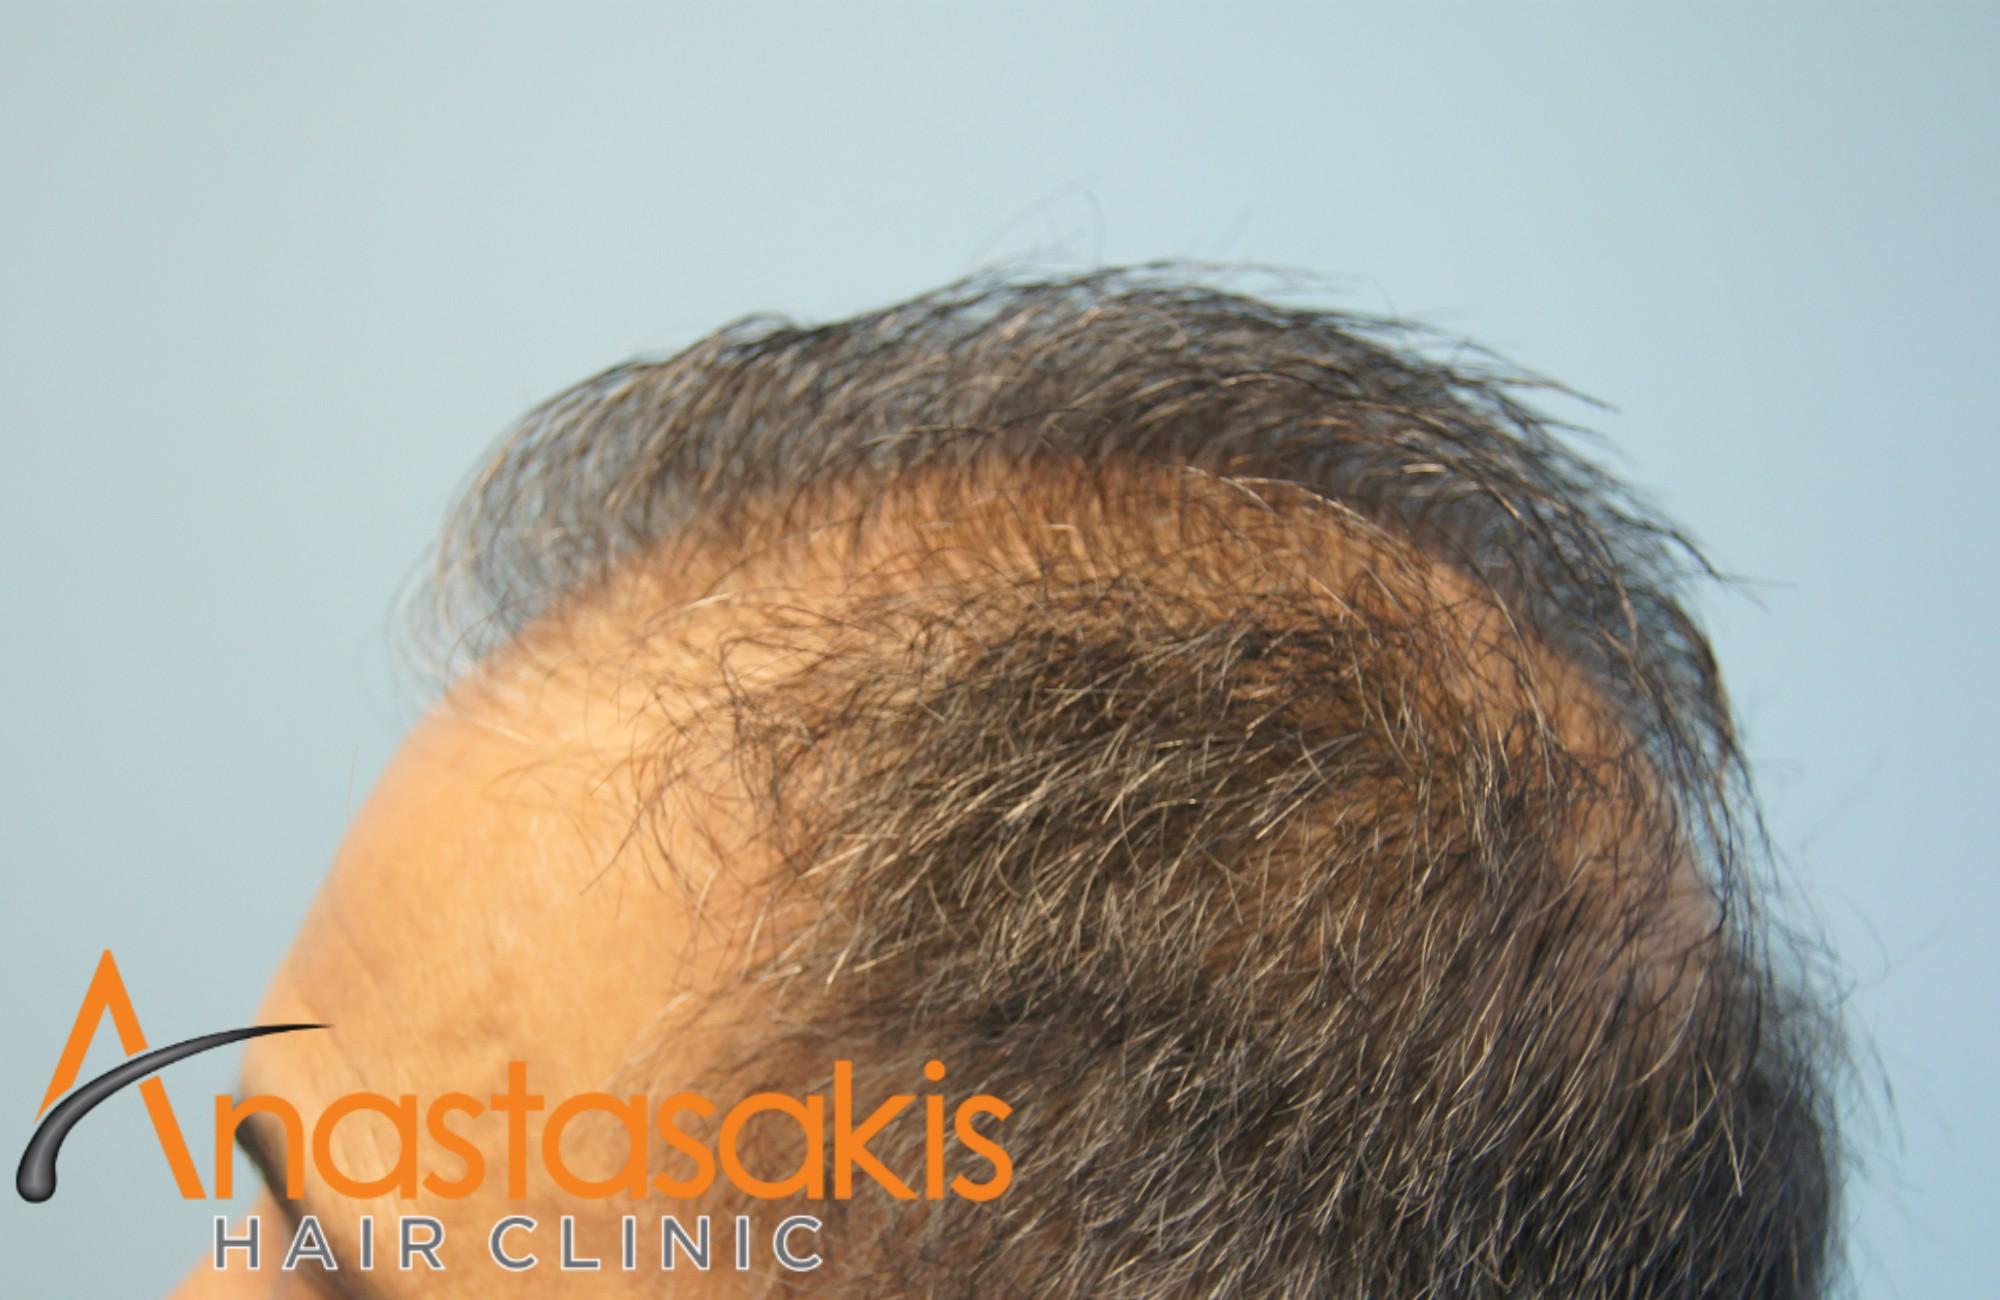 αριστερο προφιλ ασθενους πριν τη μεταμοσχευση μαλλιων με 3000 fus